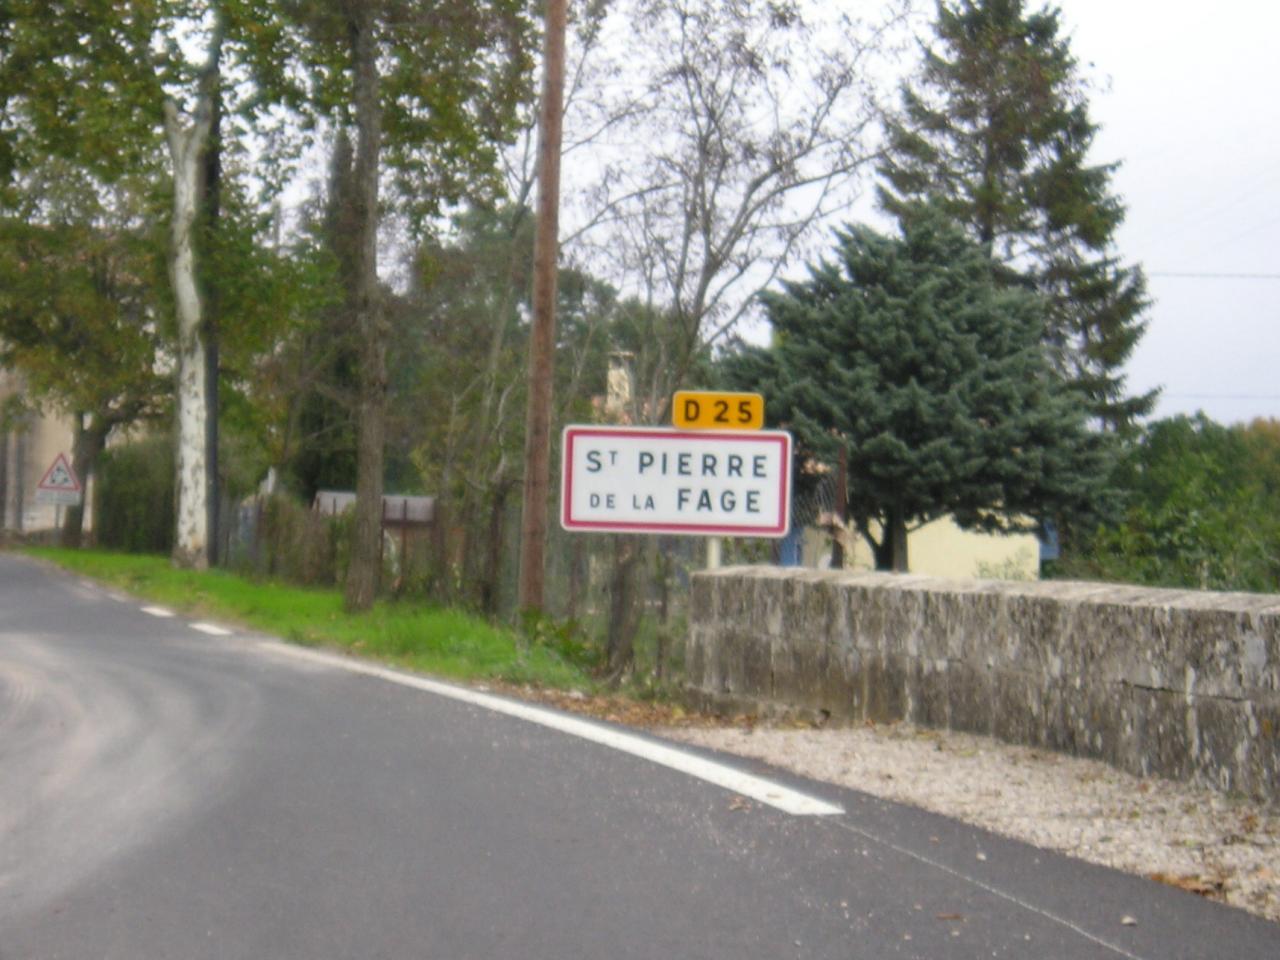 Saint-Pierre-de-la-Fage (Hérault)